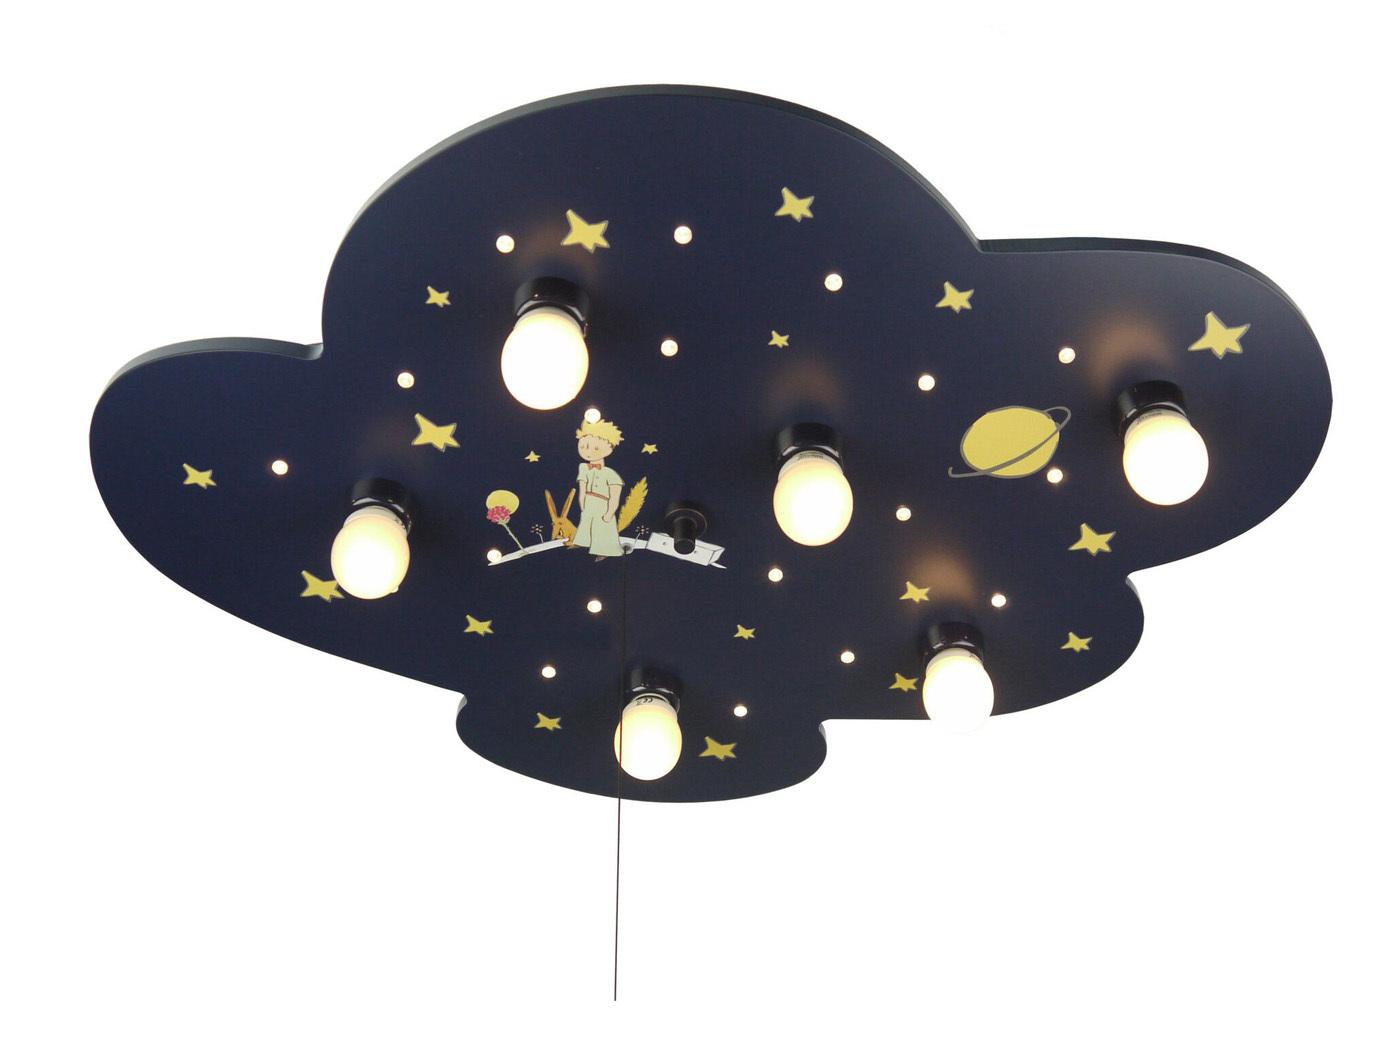 led deckenlampe f r kinderzimmer alexa licht an led schlummerlicht wolkenlampe eur 175 49. Black Bedroom Furniture Sets. Home Design Ideas